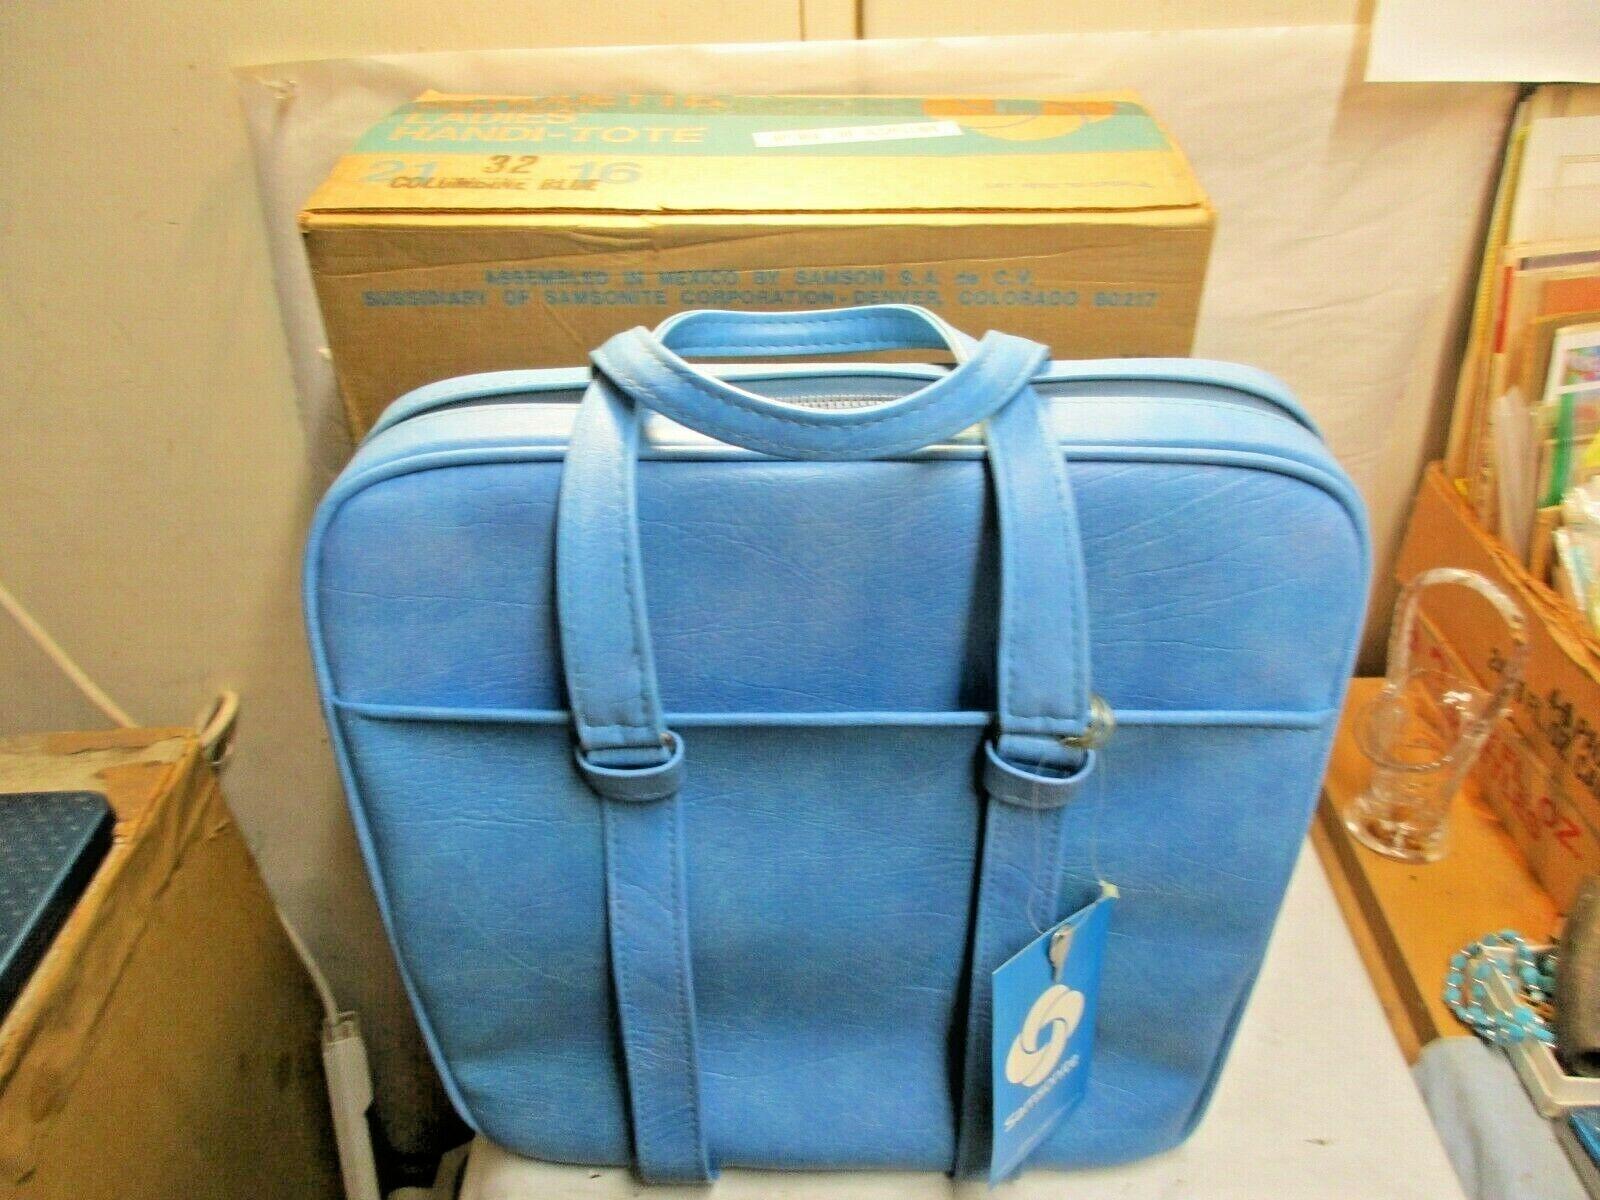 Vintage Samsonite Silhouette Columbine blu HandiTote Bag New In Box w Tag NIB